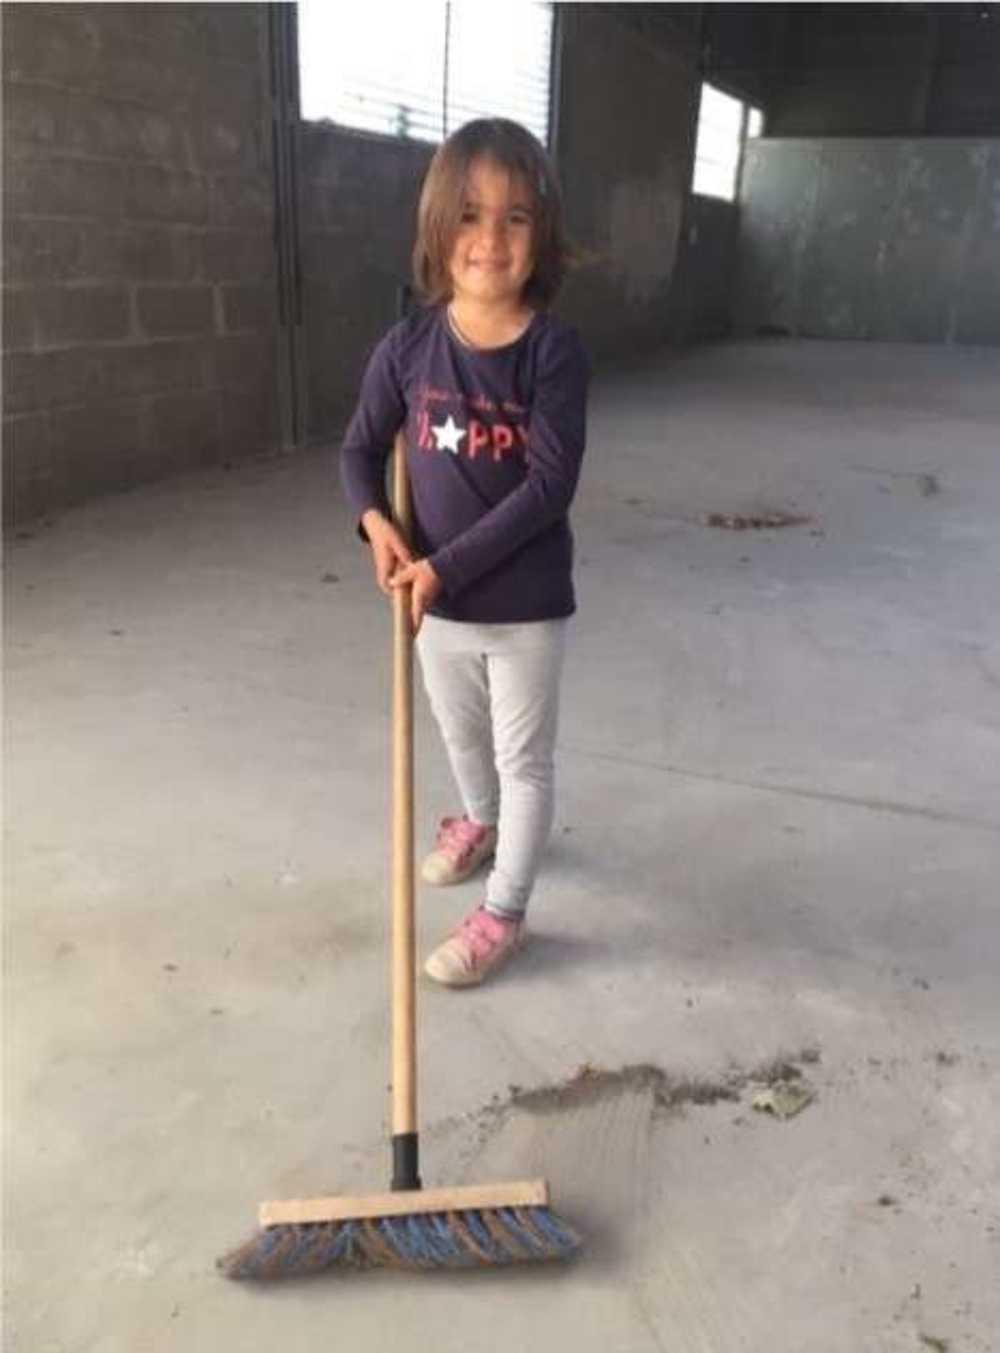 Samedi 14 septembre : Matinée nettoyage à l''école Saint-Pierre imagec